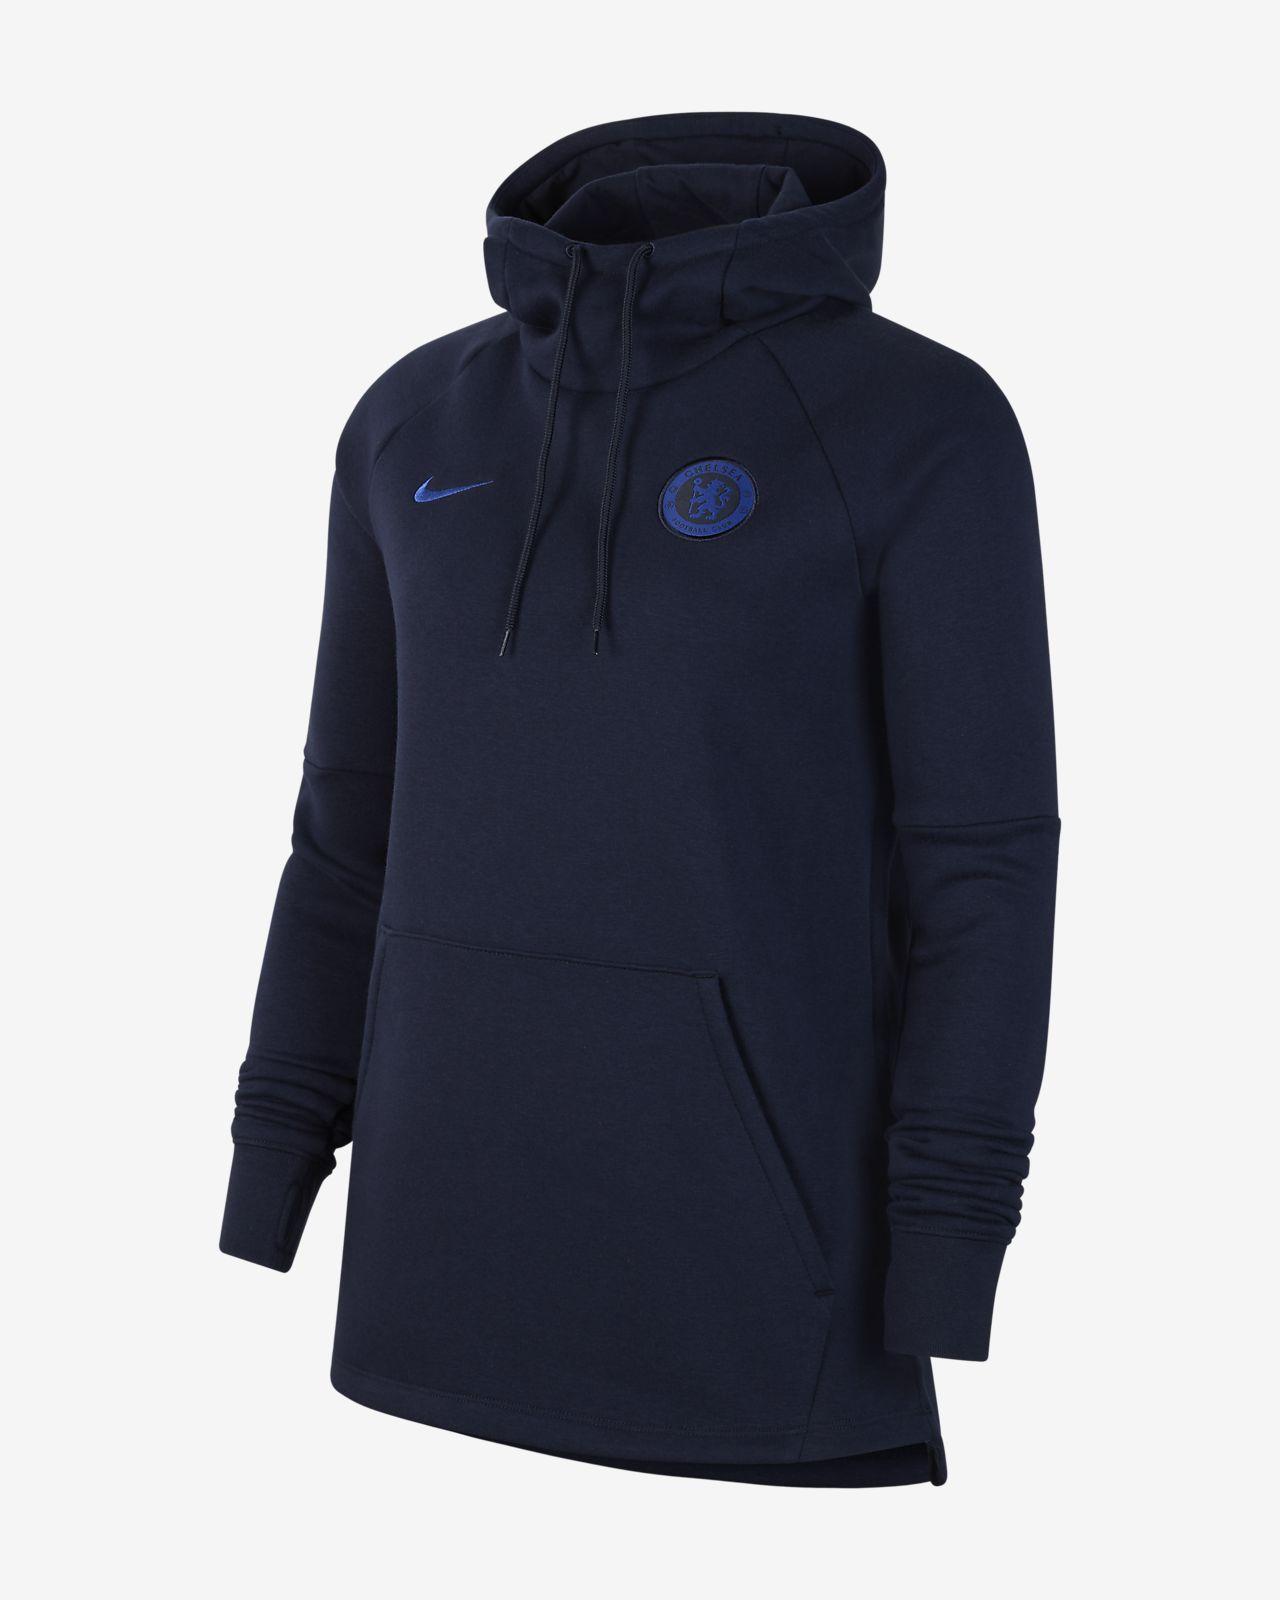 Sudadera con capucha sin cierre en tejido Fleece para mujer Chelsea FC